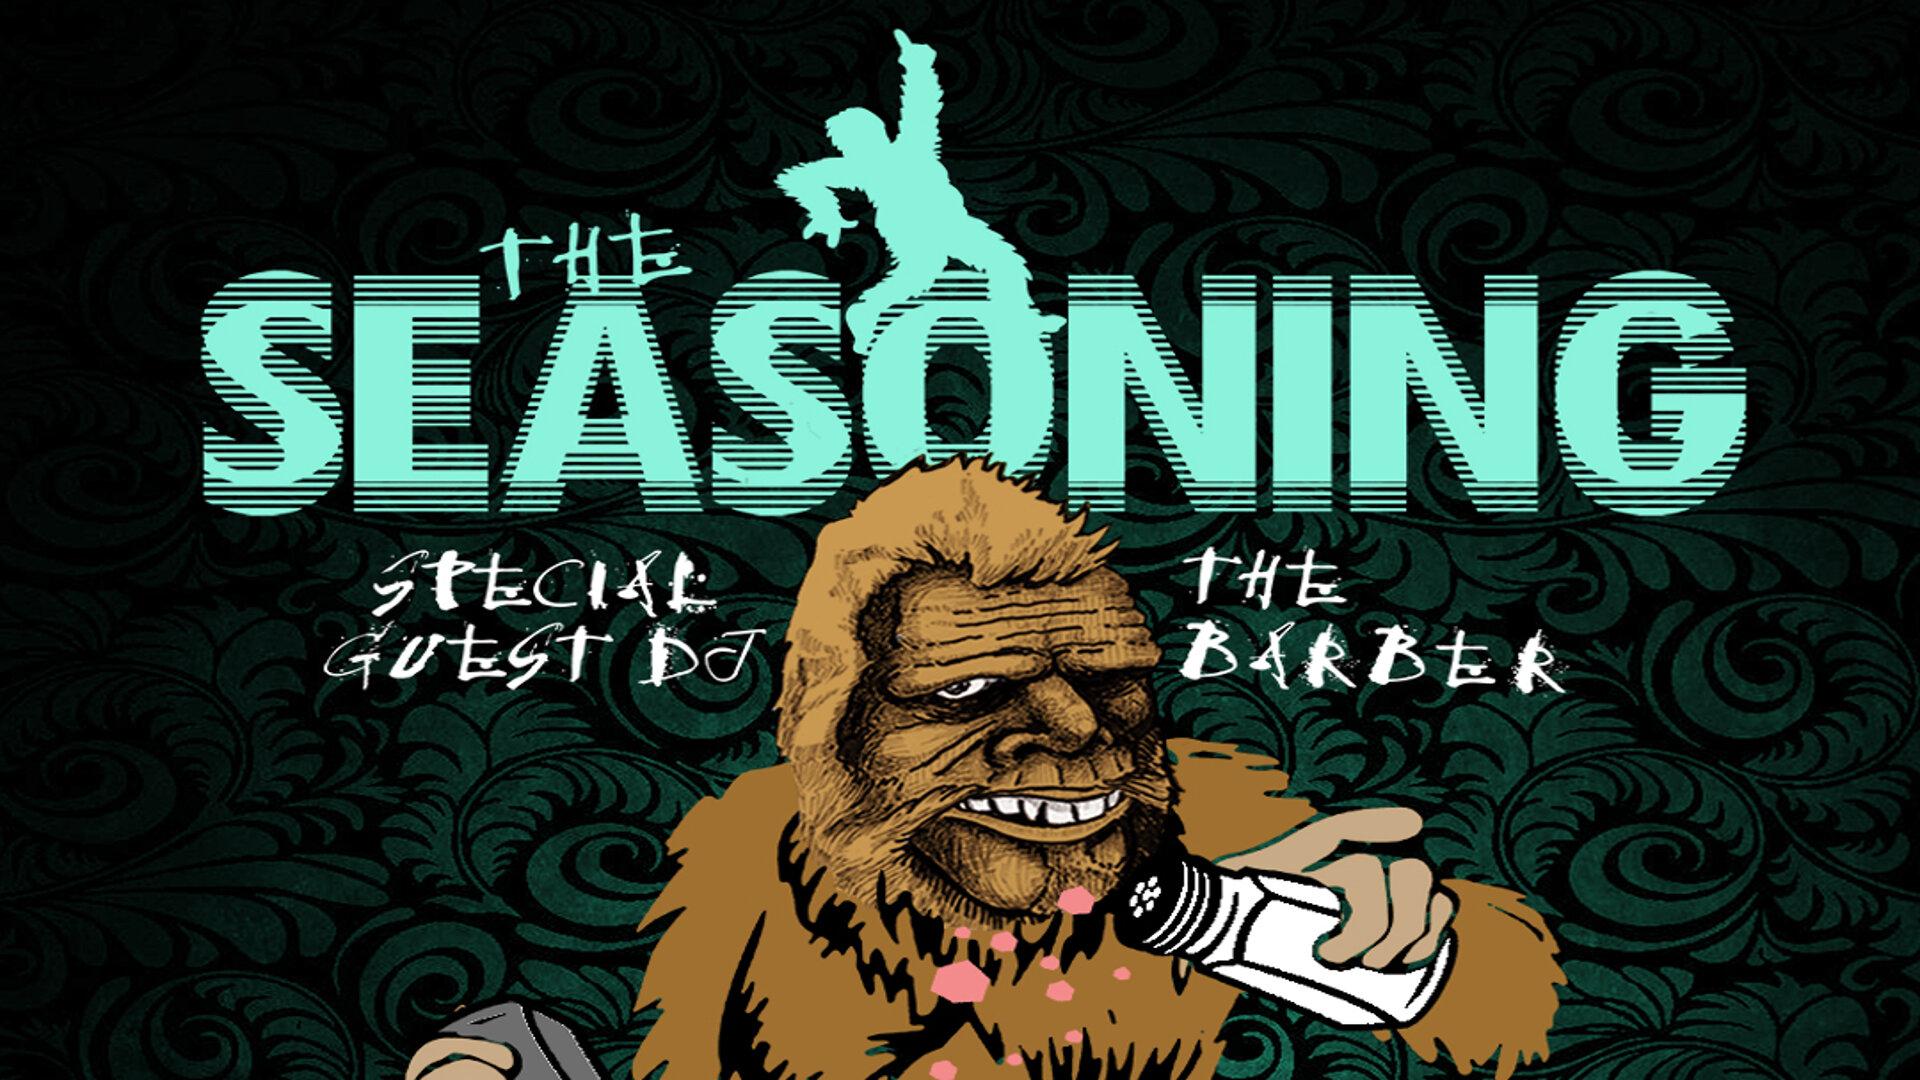 Seasoning Sasq oct 23 2019 header.jpg